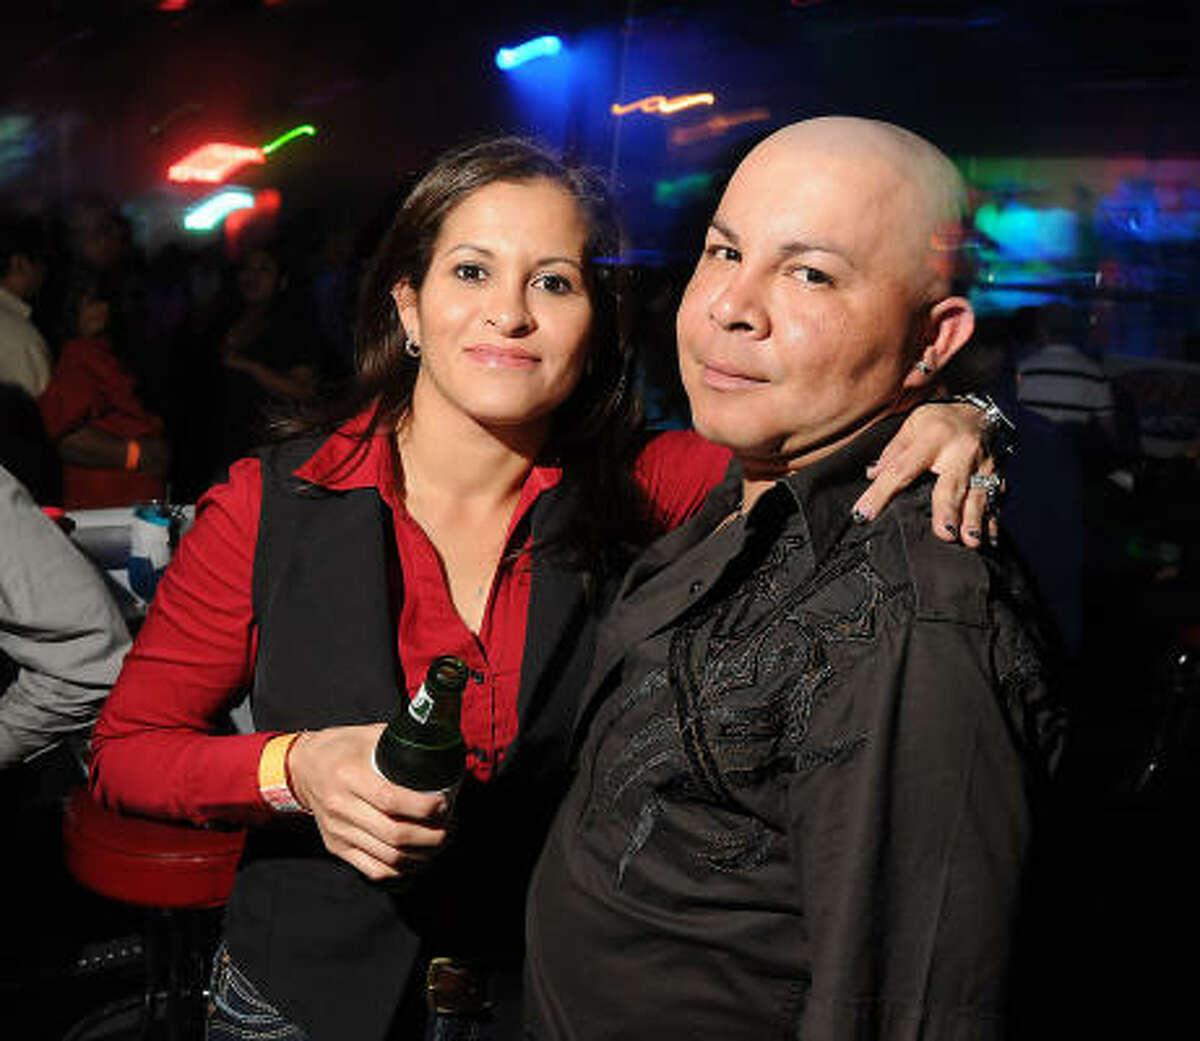 Lucy Montecino y Óscar Viera en Amazonia Discotheque.